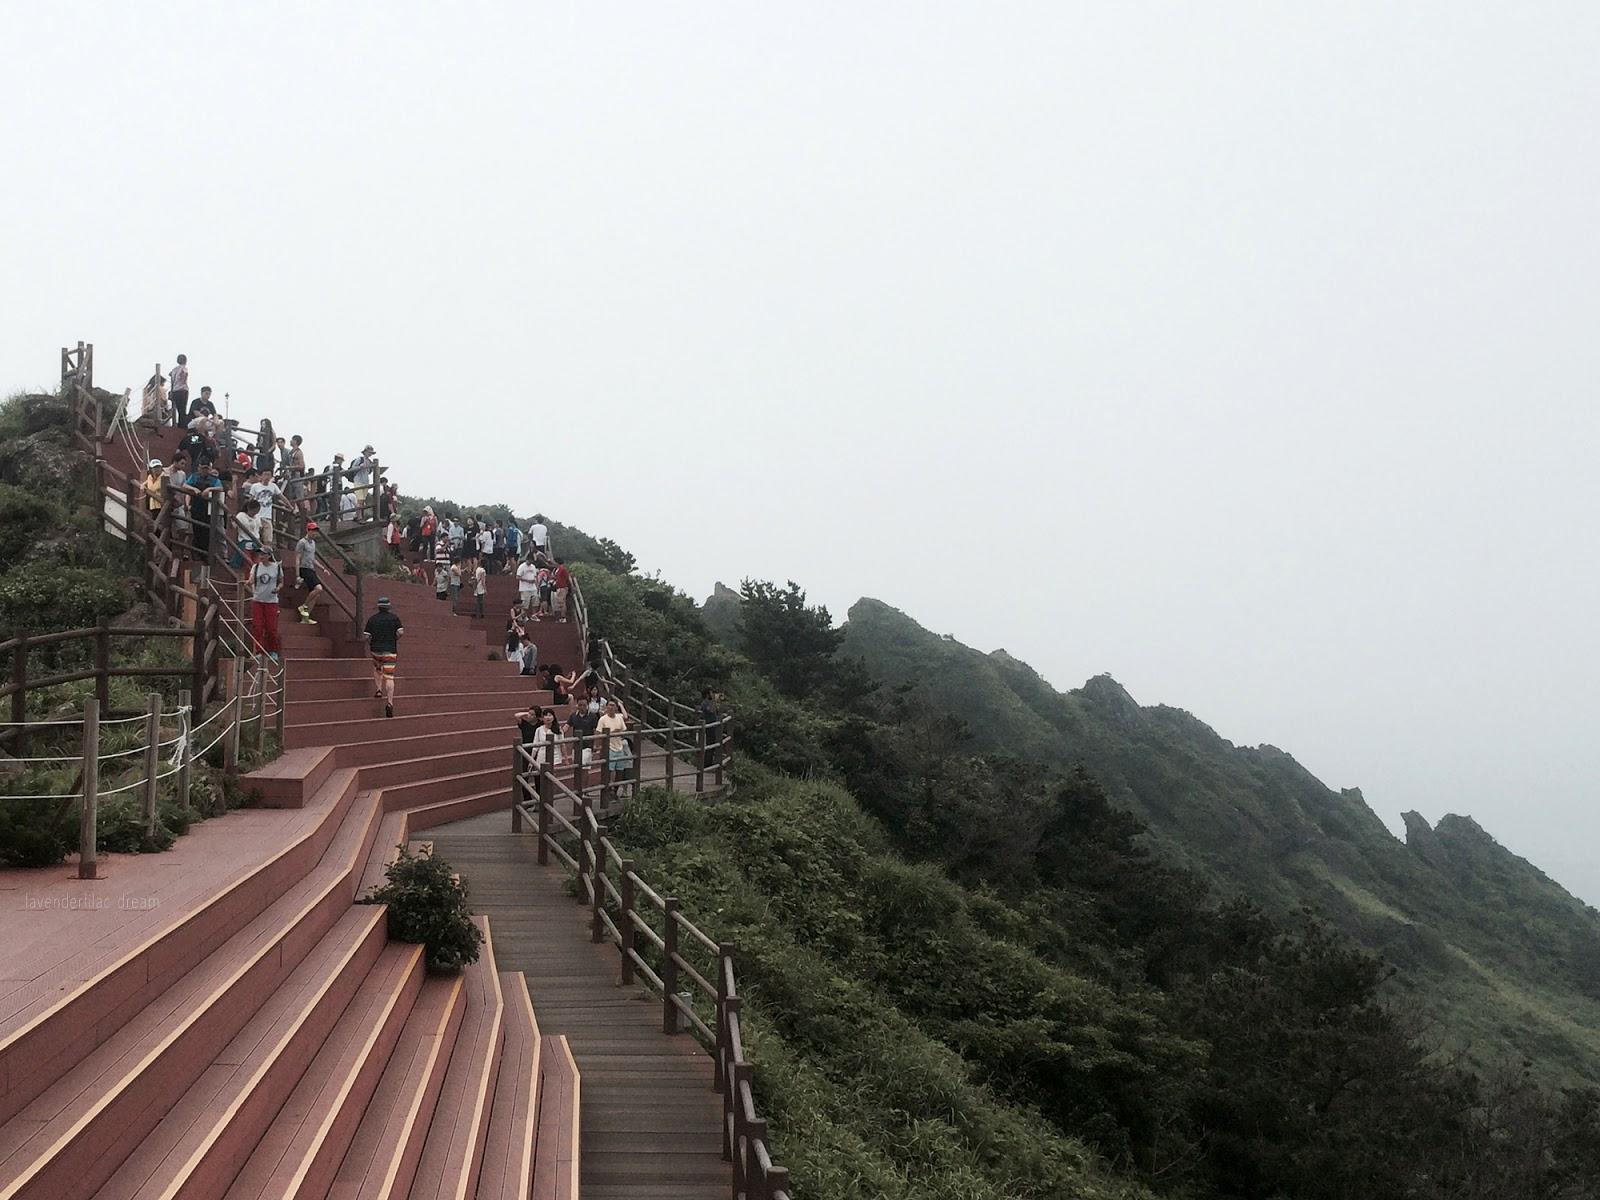 South Korea, Jeju Island, Yonsei University, YISS 2014, Top of Sunrise Peak